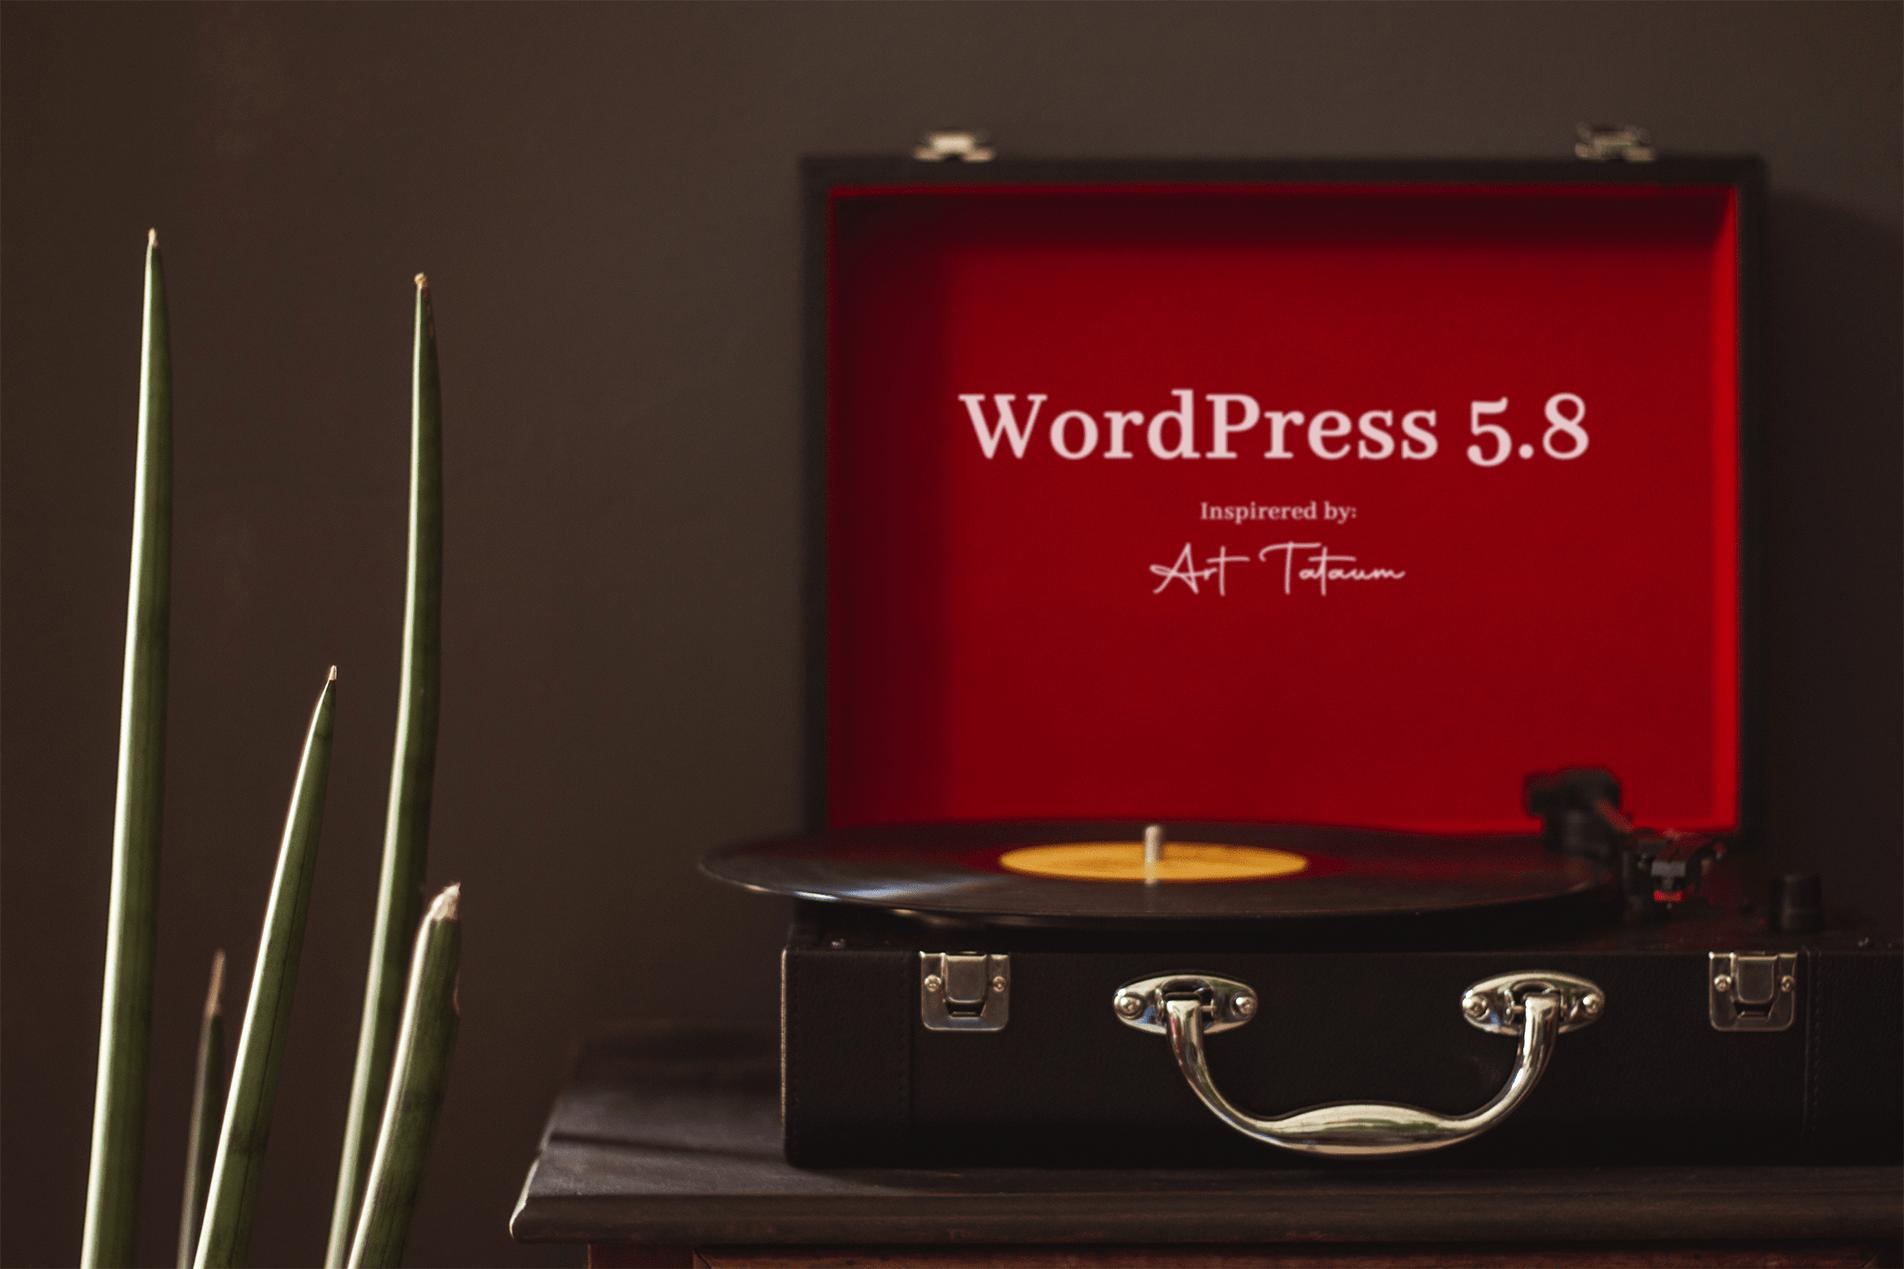 WordPress 5.8 In memory of Art Tatum